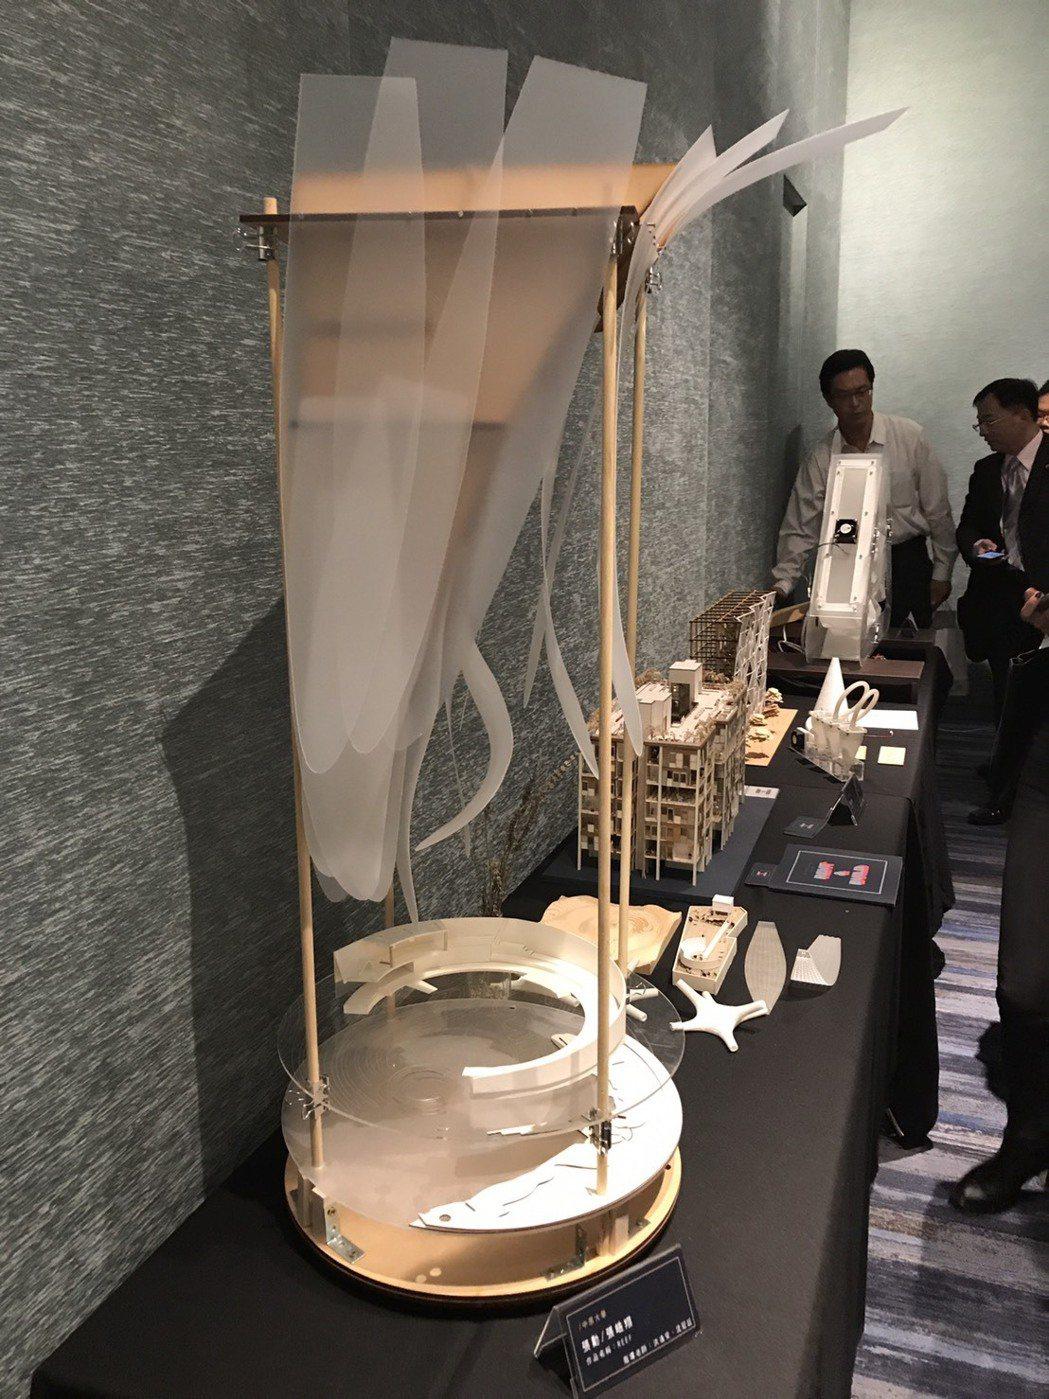 「2017未來居學生設計獎」徵集國內設計相關科系學生作品,內容以「建築及室內空間...